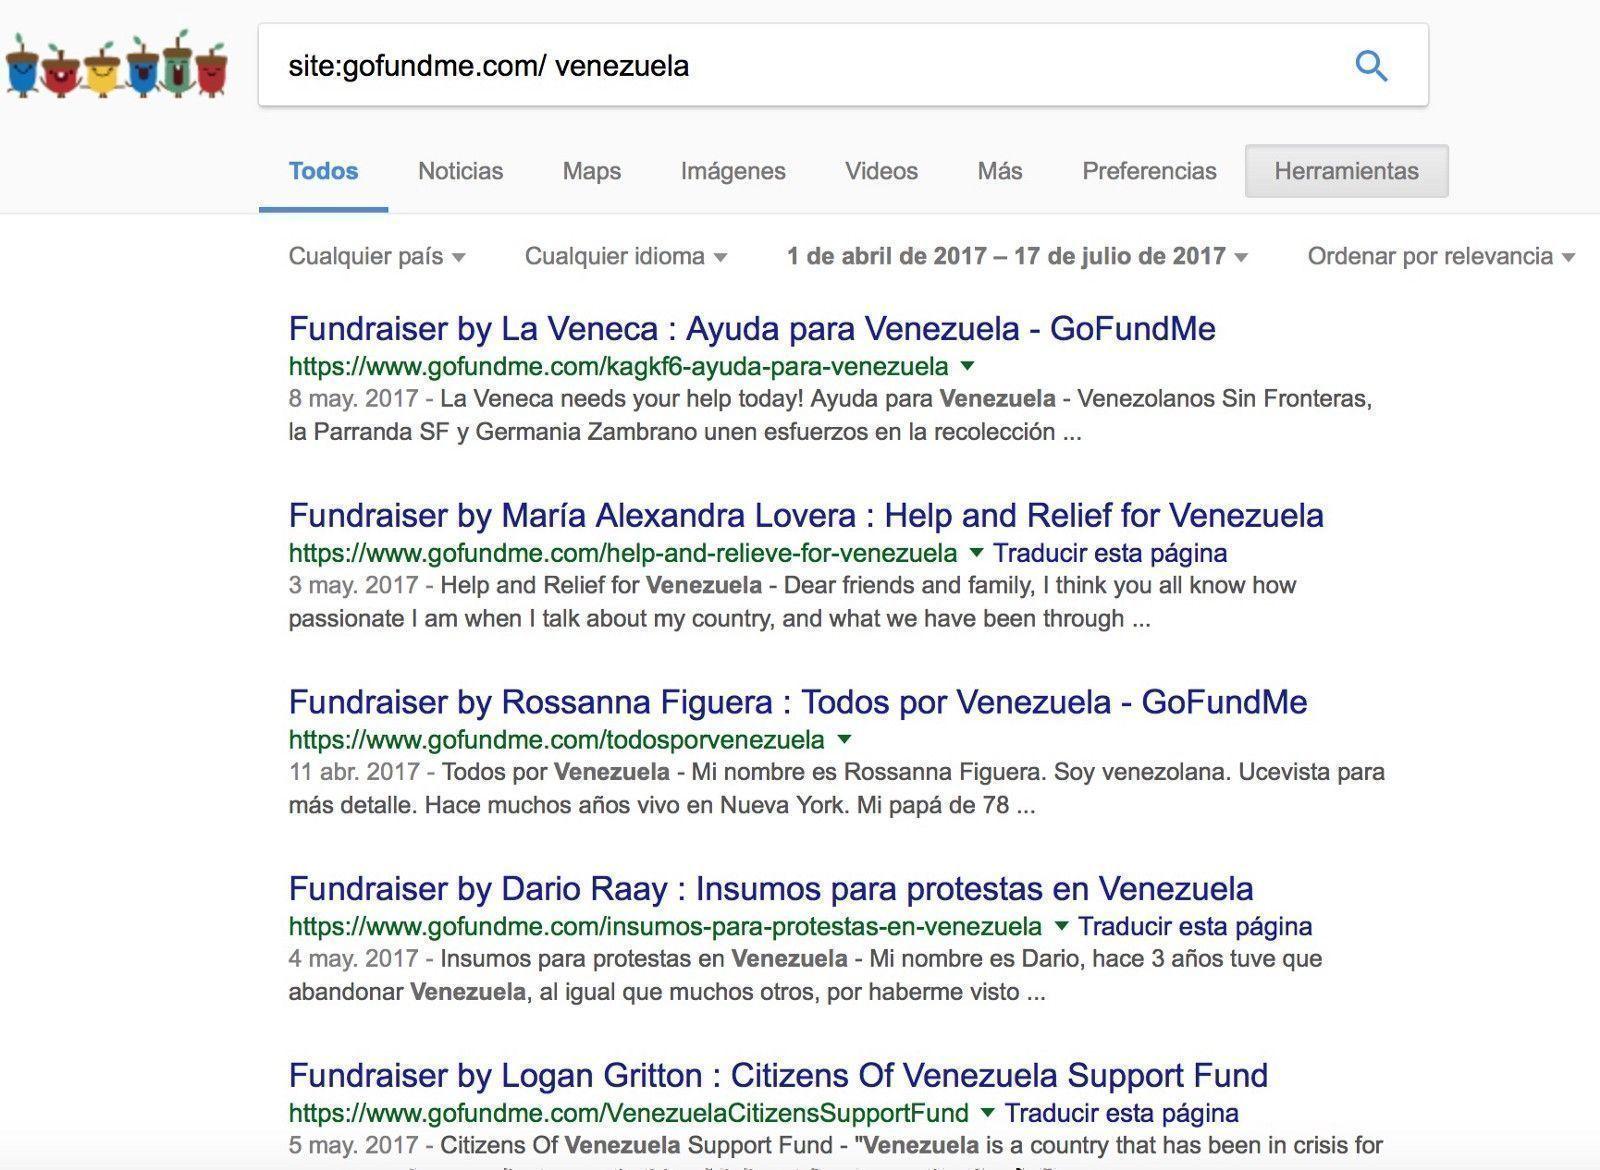 Una búsqueda en Google de campañas relacionadas con Venezuela inscritas entre el 1 de abril al día de hoy, registra decenas de peticiones de fondos para sostener la violencia en las calles de ese país.